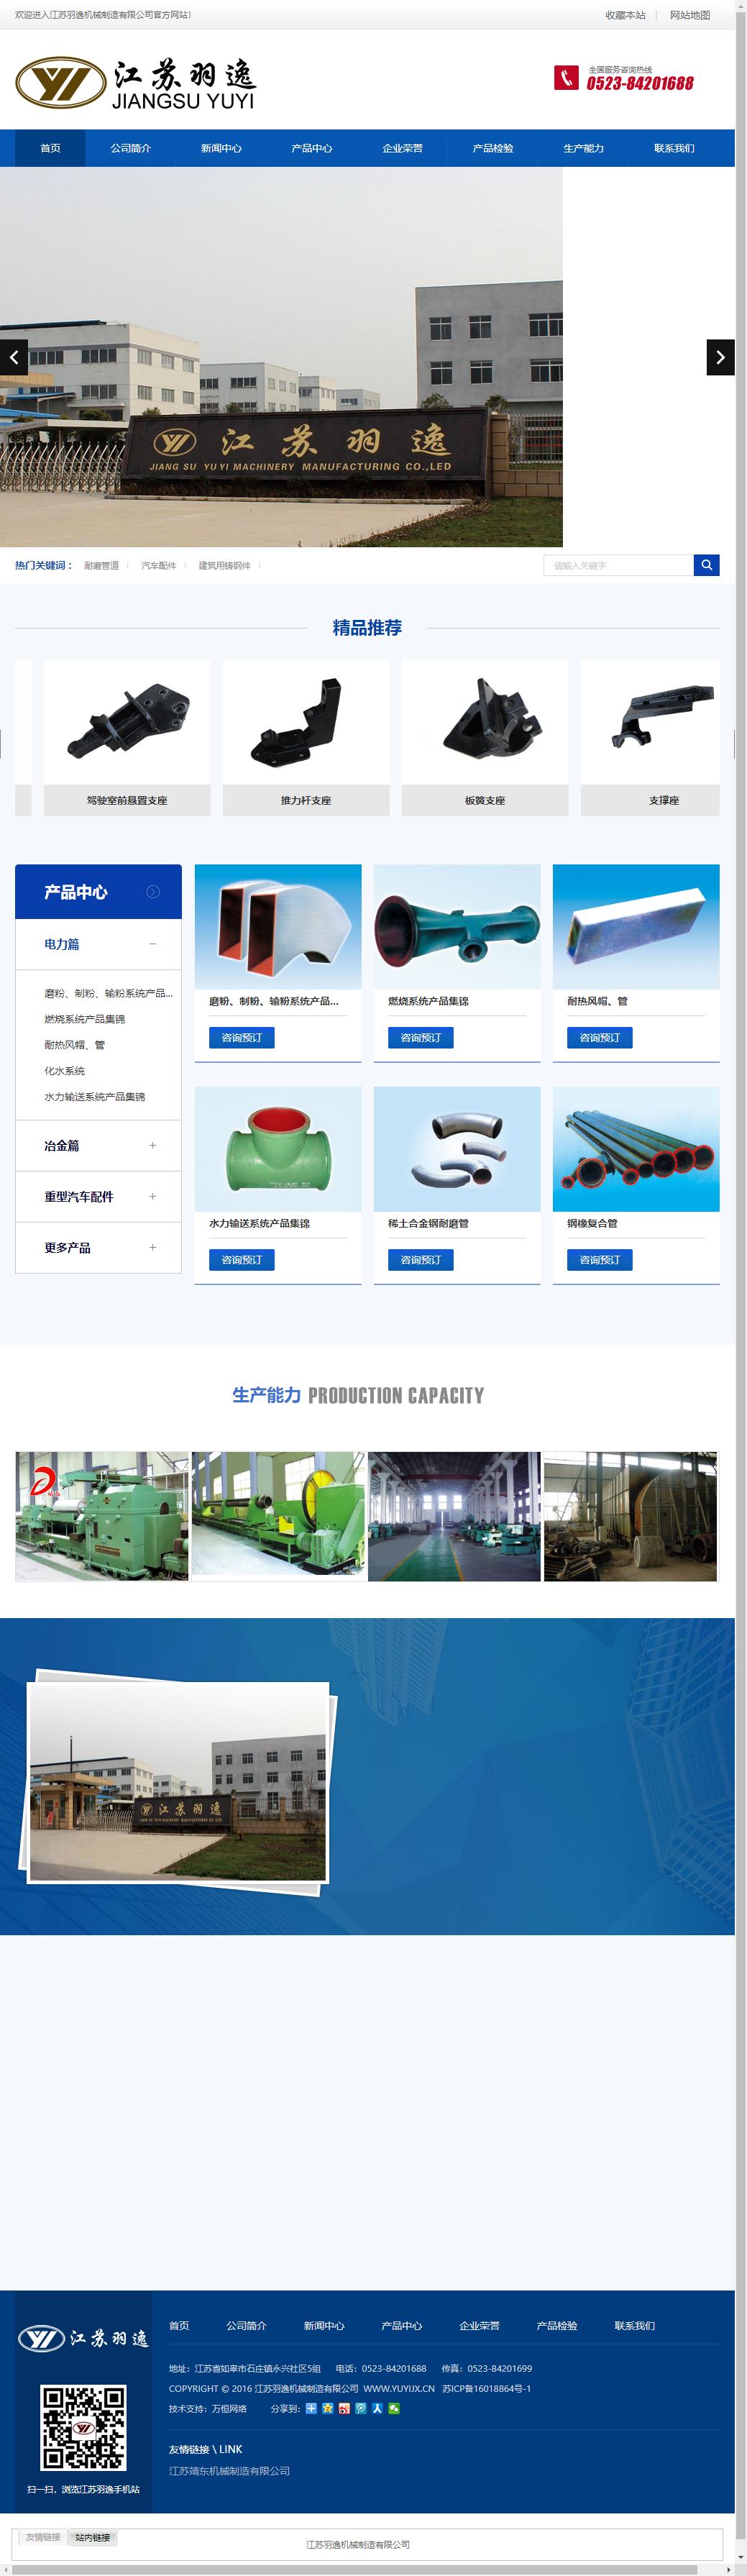 江苏羽逸机械制造有限公司网站案例